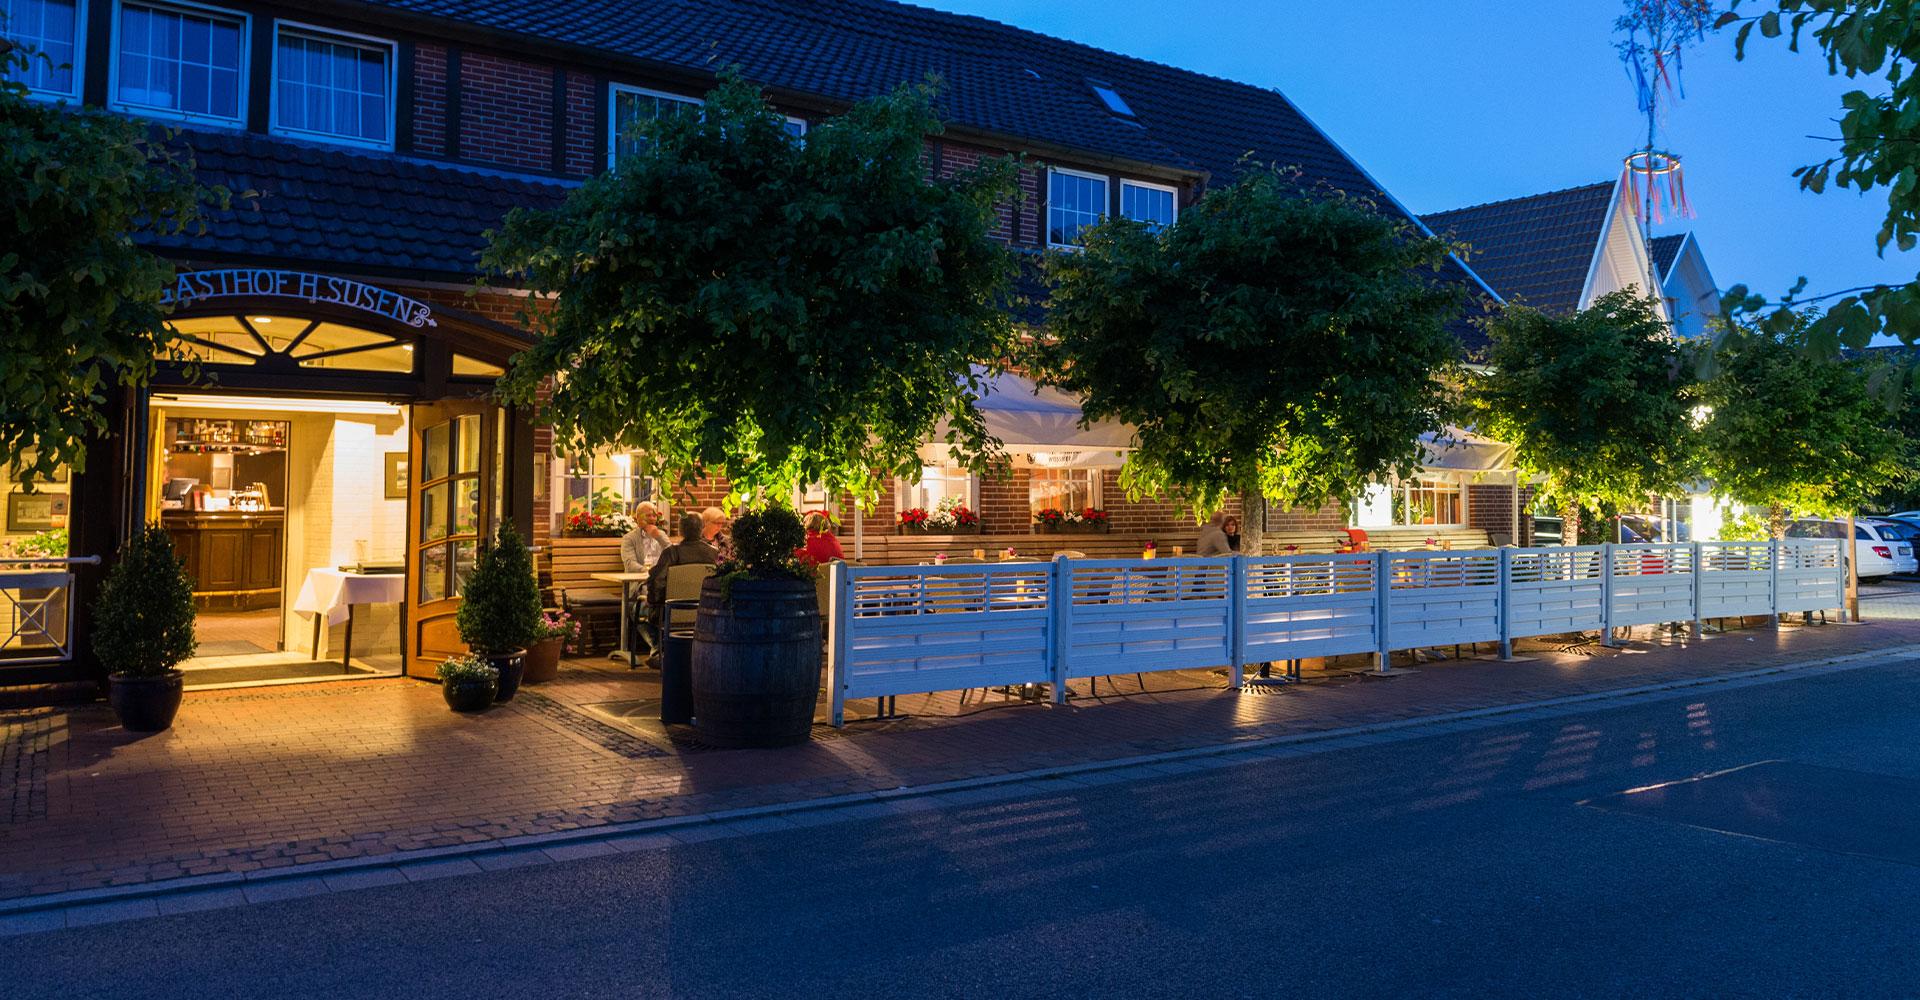 Biergarten und Gasthof Susen im Rheinischer Hof in Dinklage